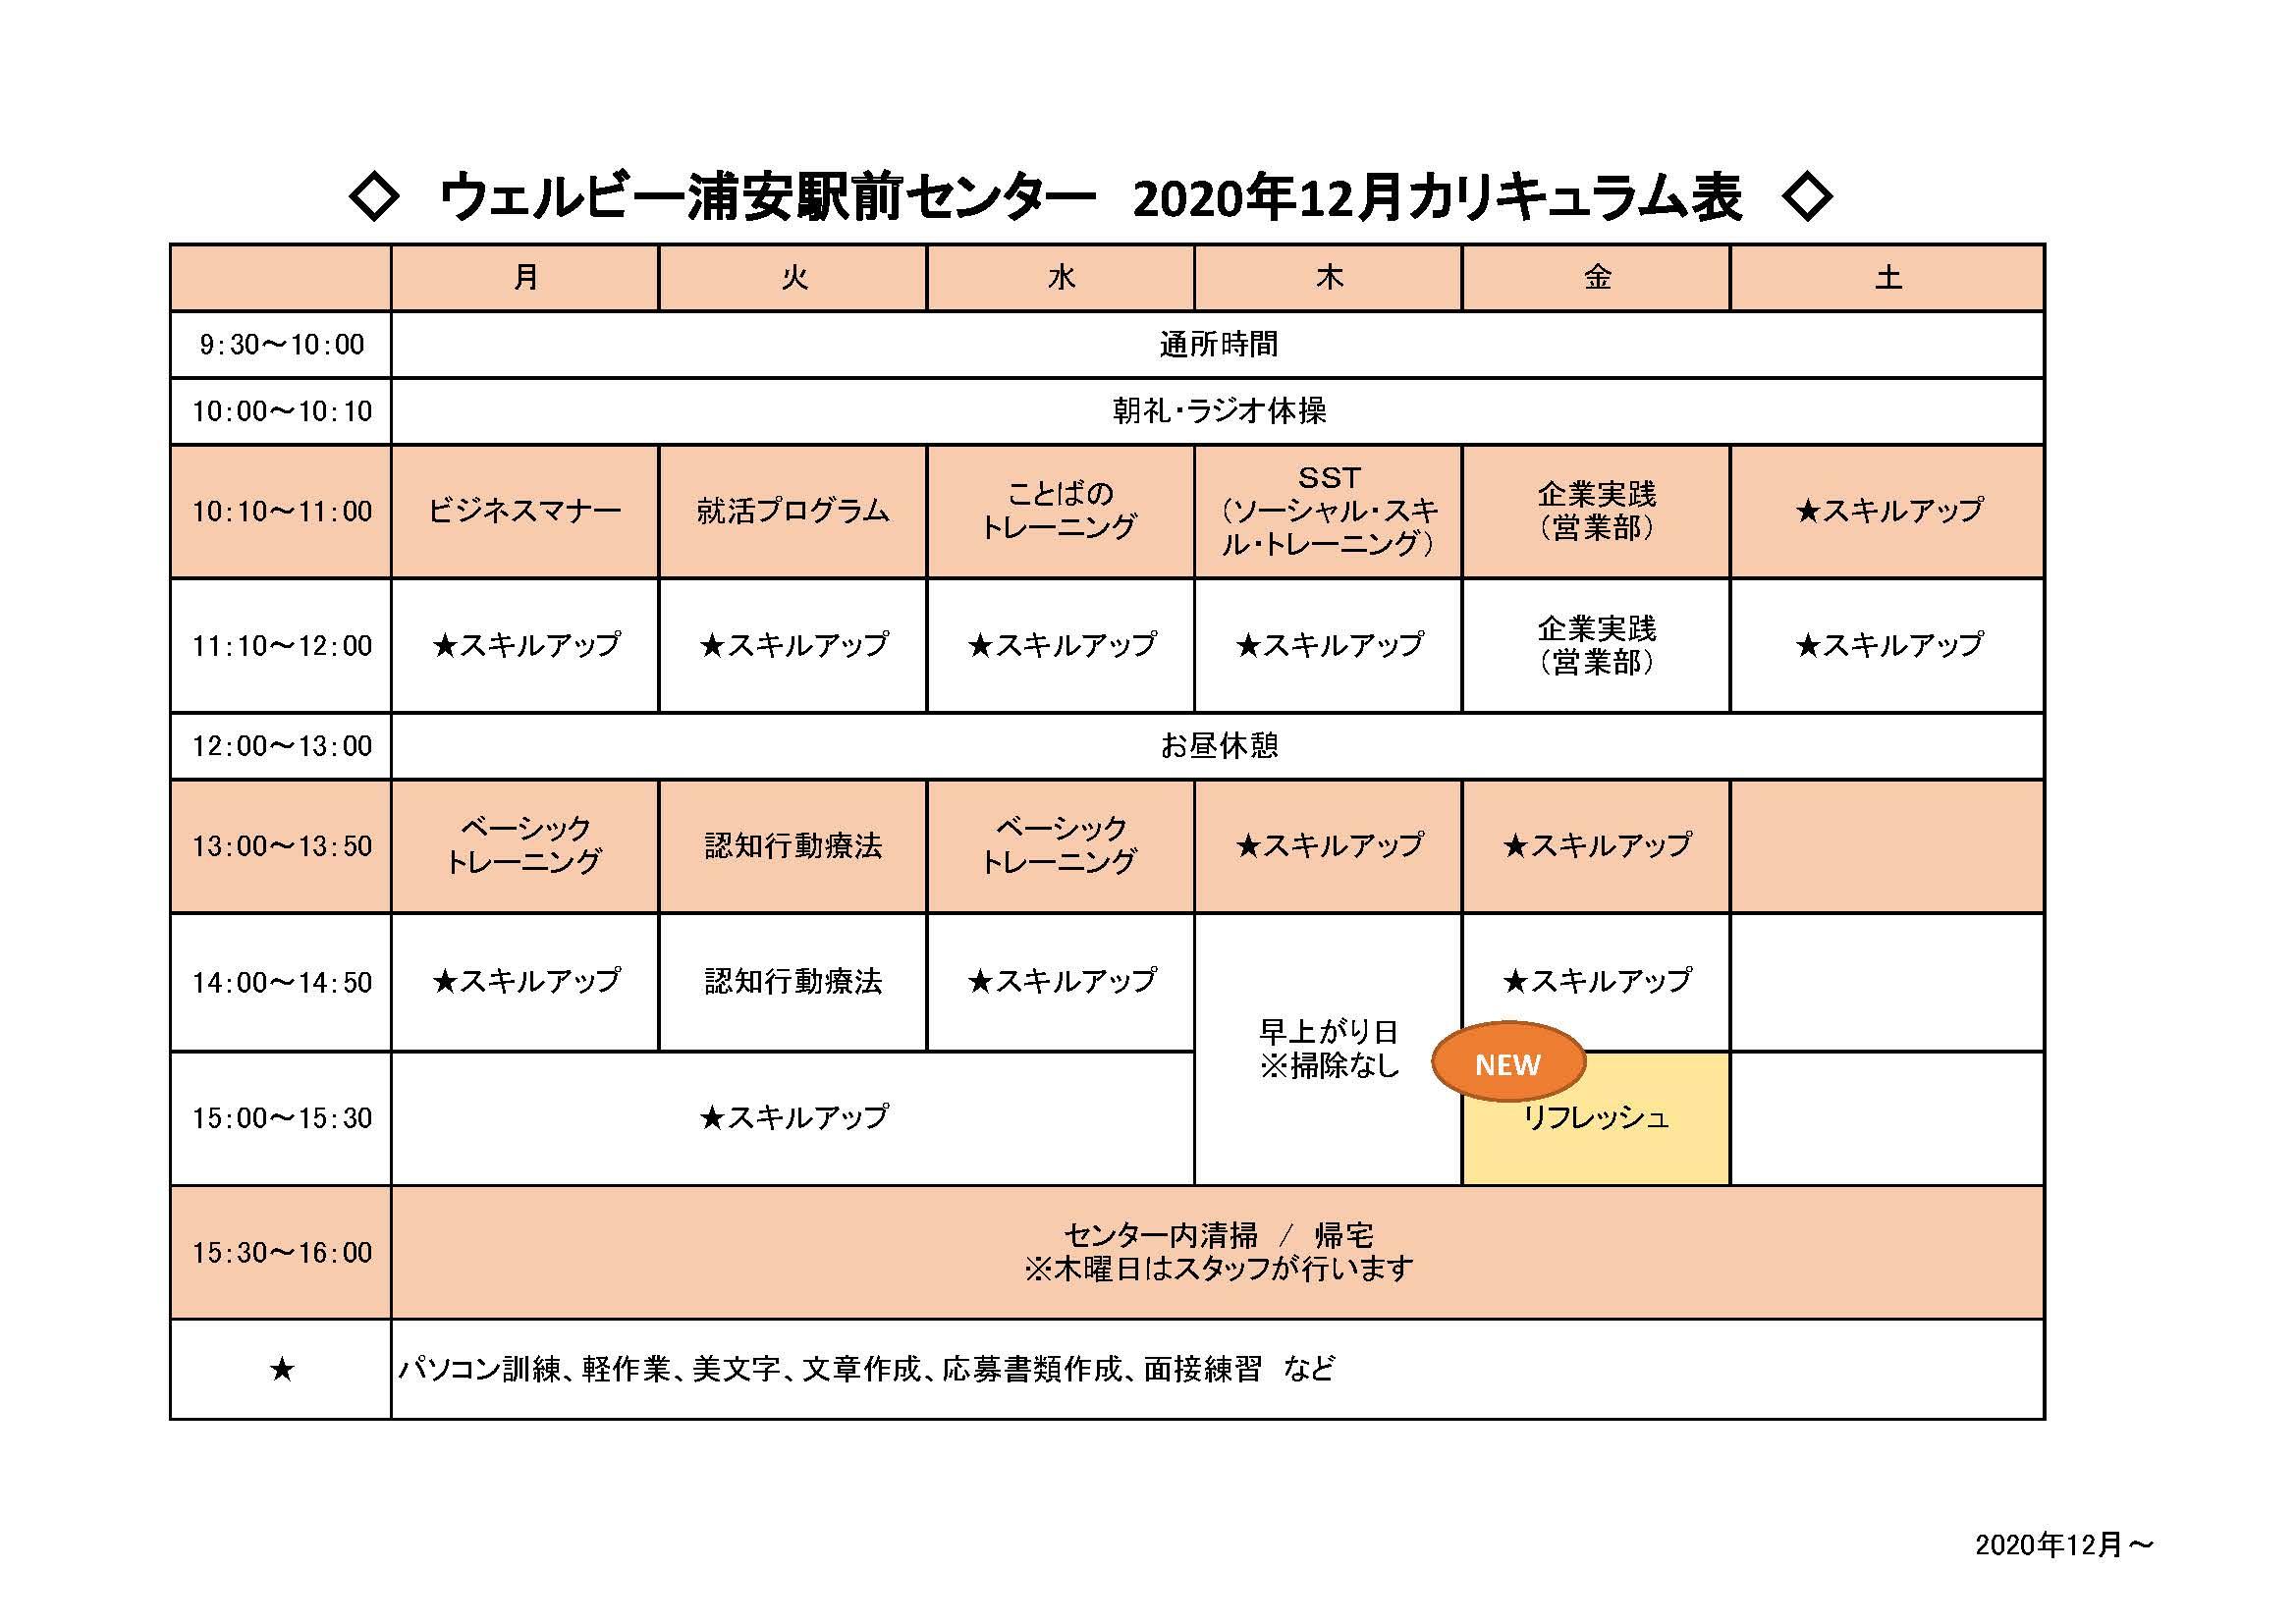 浦安カリキュラム表_202012~_ページ_1